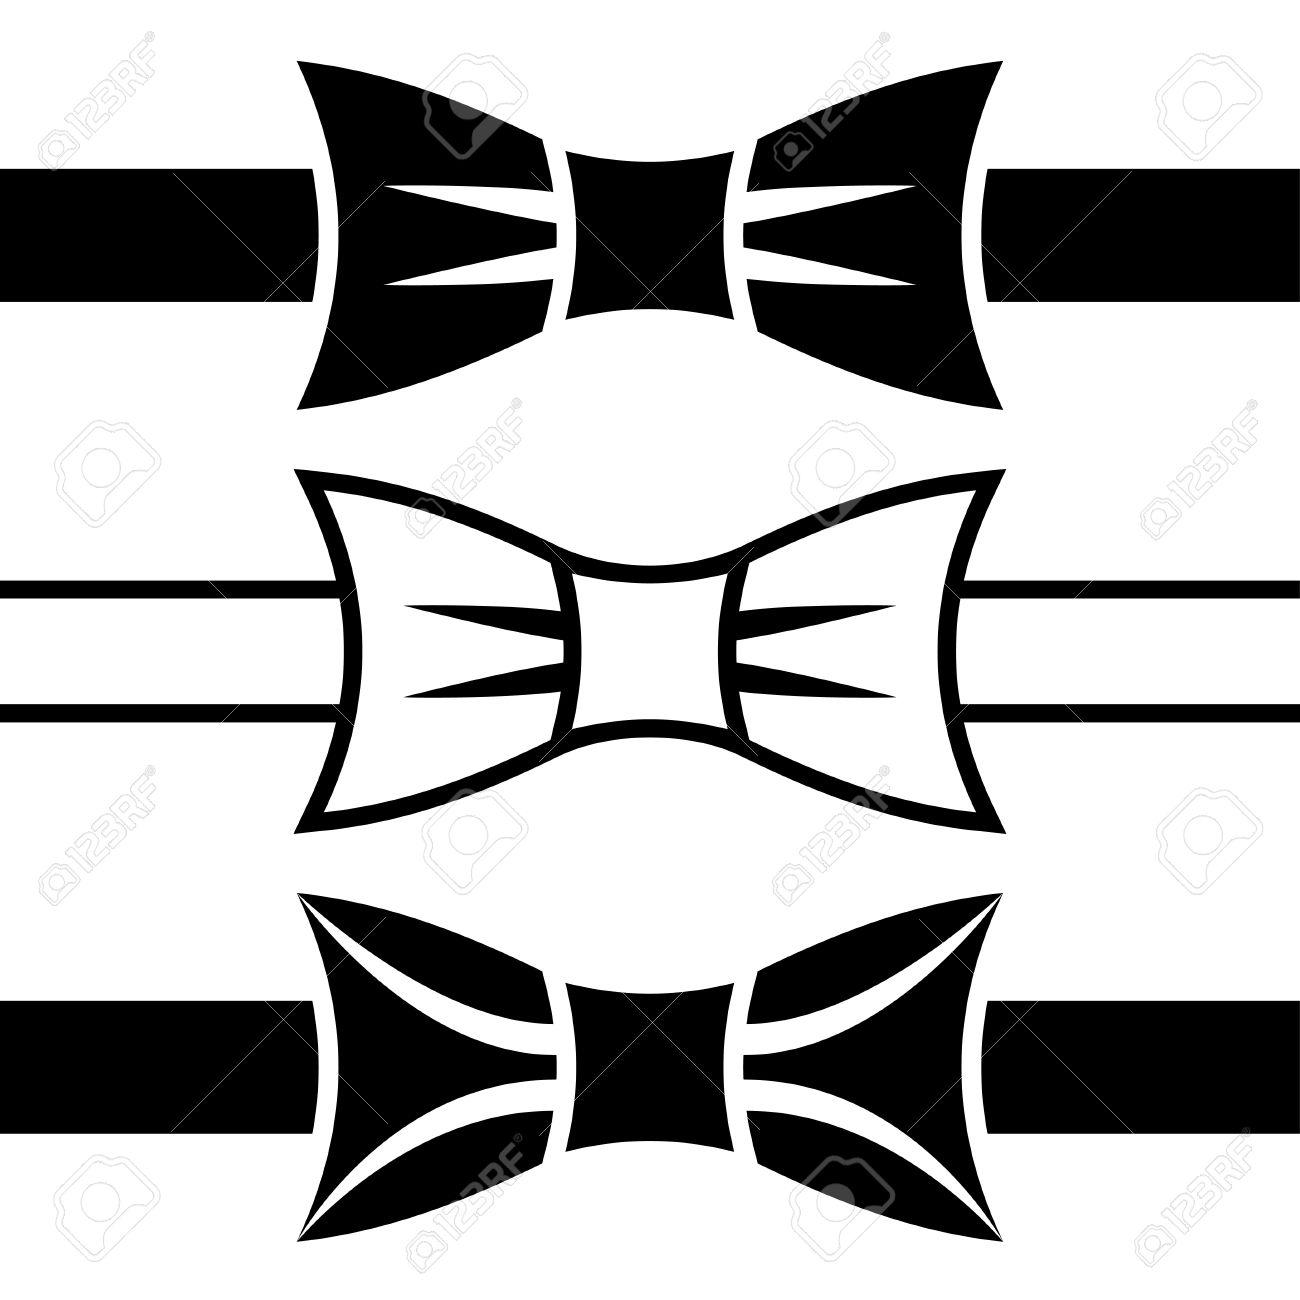 Галстук бабочка векторный клипарт